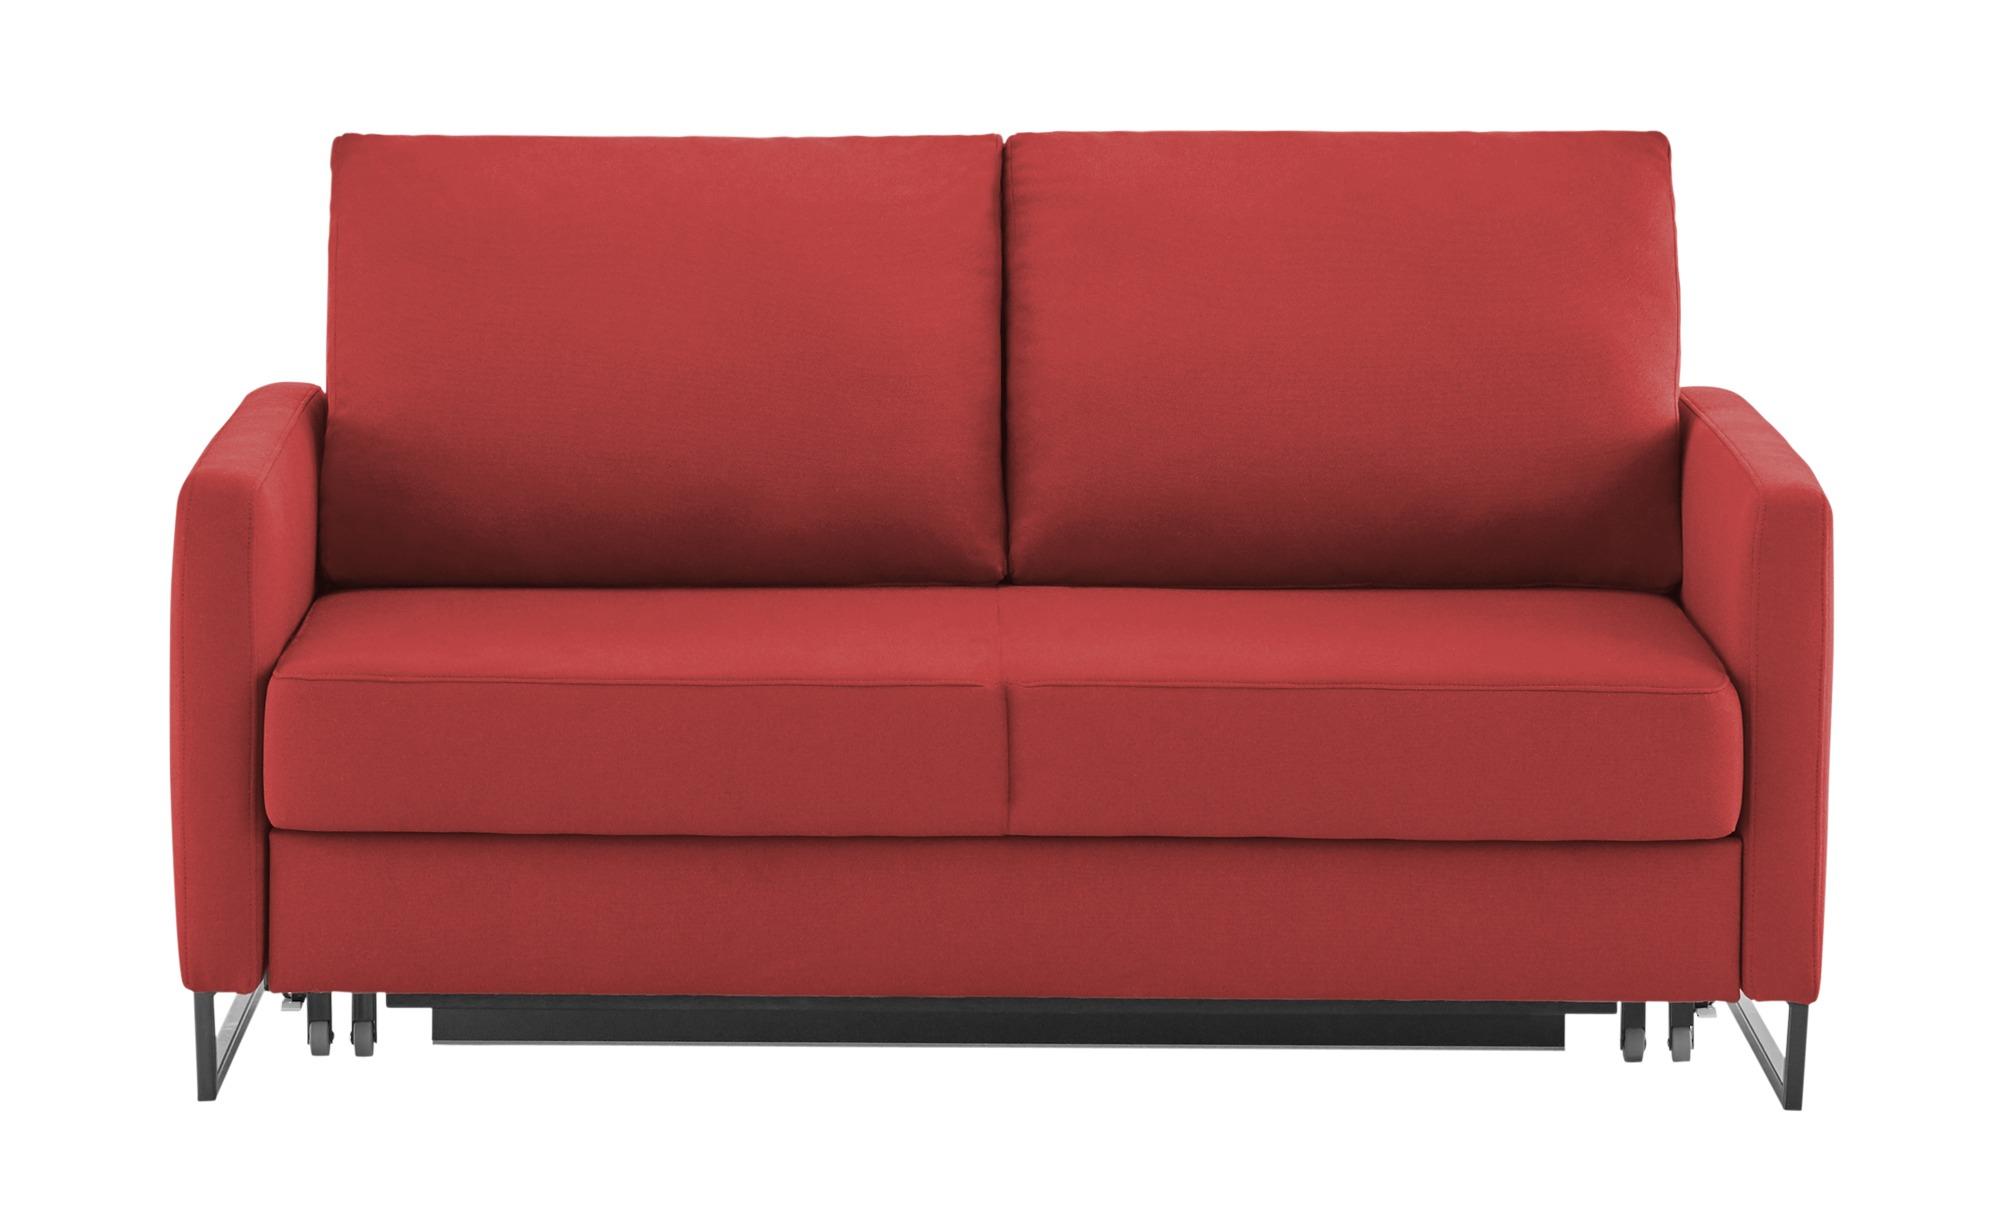 Schlafsofa  Fürth ¦ rot ¦ Maße (cm): B: 160 H: 90 T: 95 Polstermöbel > Sofas > 2-Sitzer - Höffner